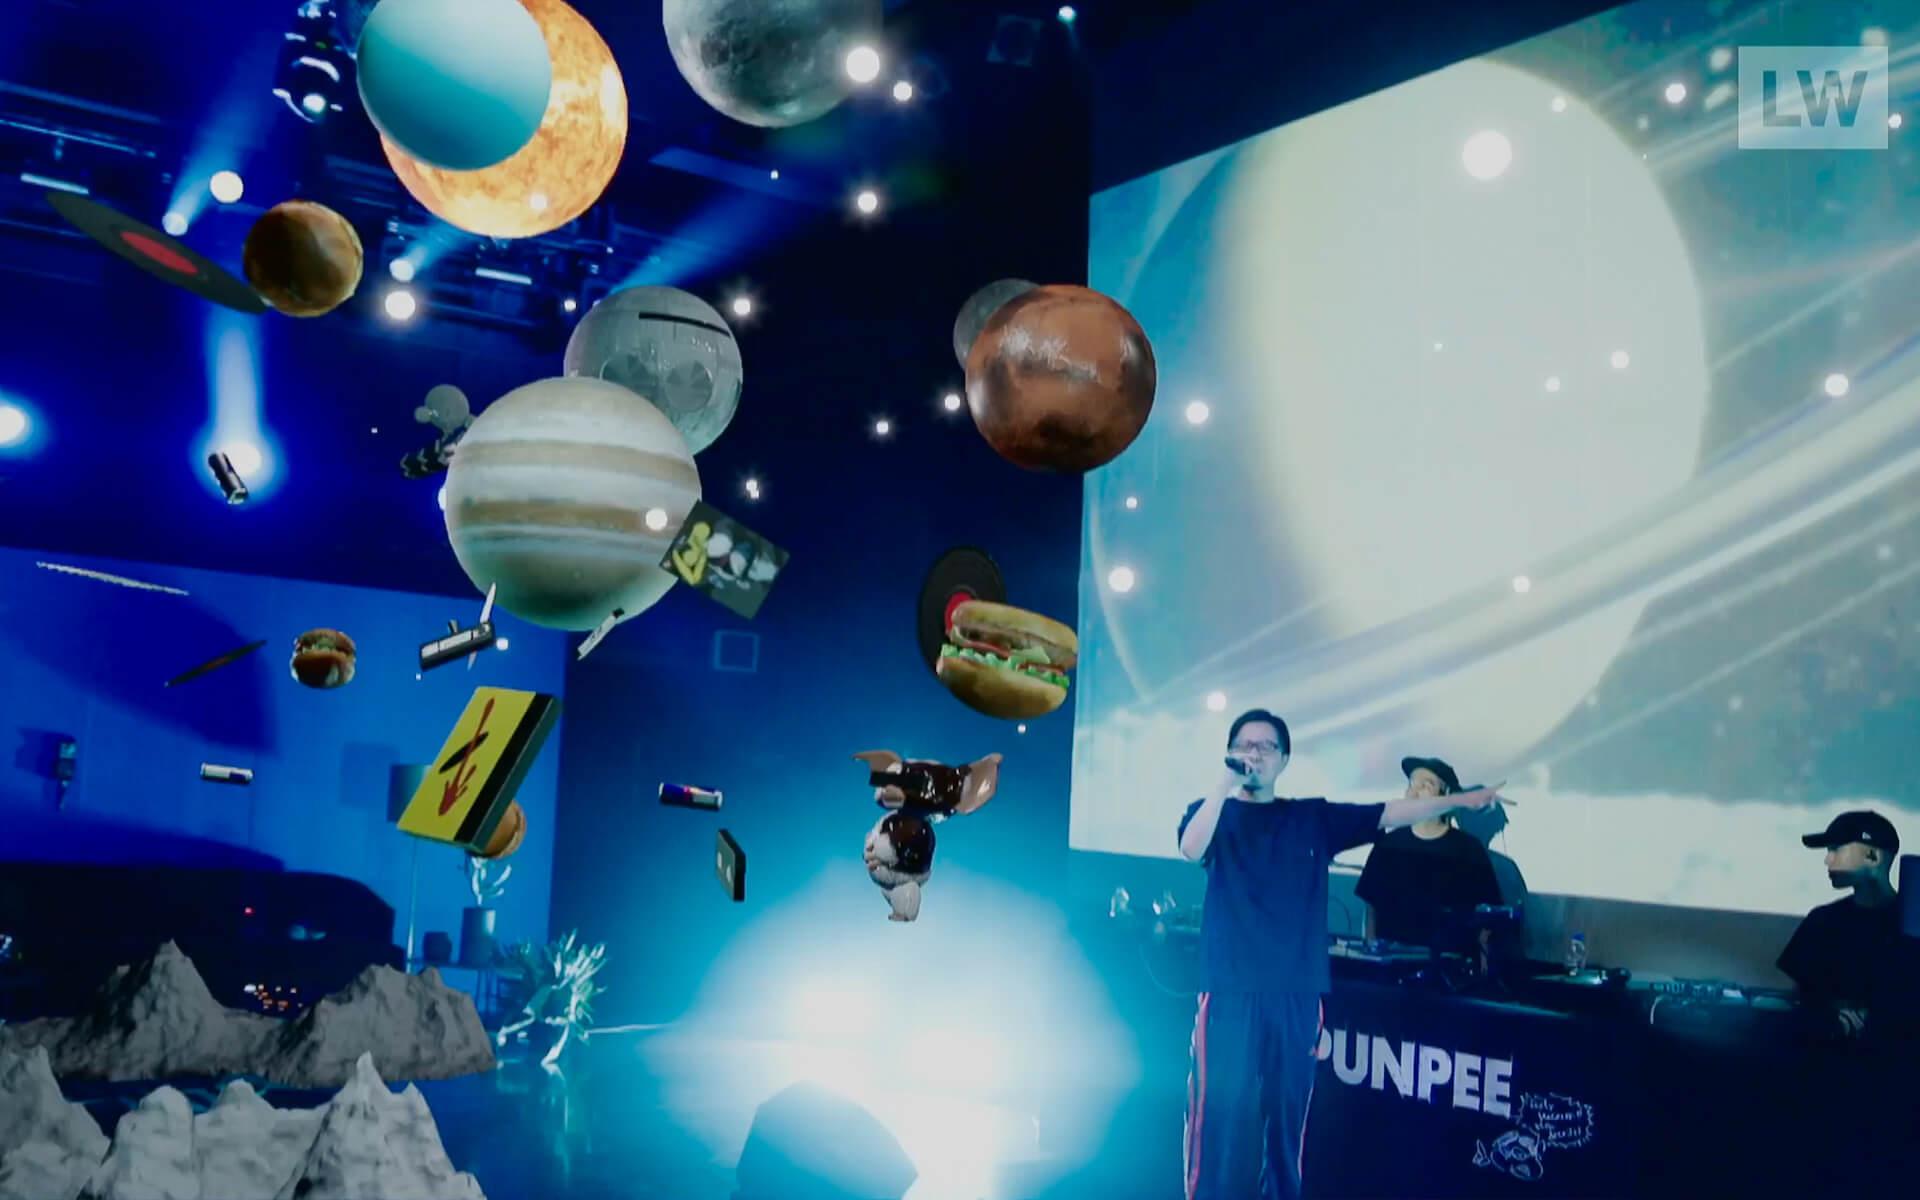 ライブレポート:LIVEWIRE PUNPEE<Sofa Kingdomcome>|映画作品のような夢見心地の時間 music200915_punpee_7